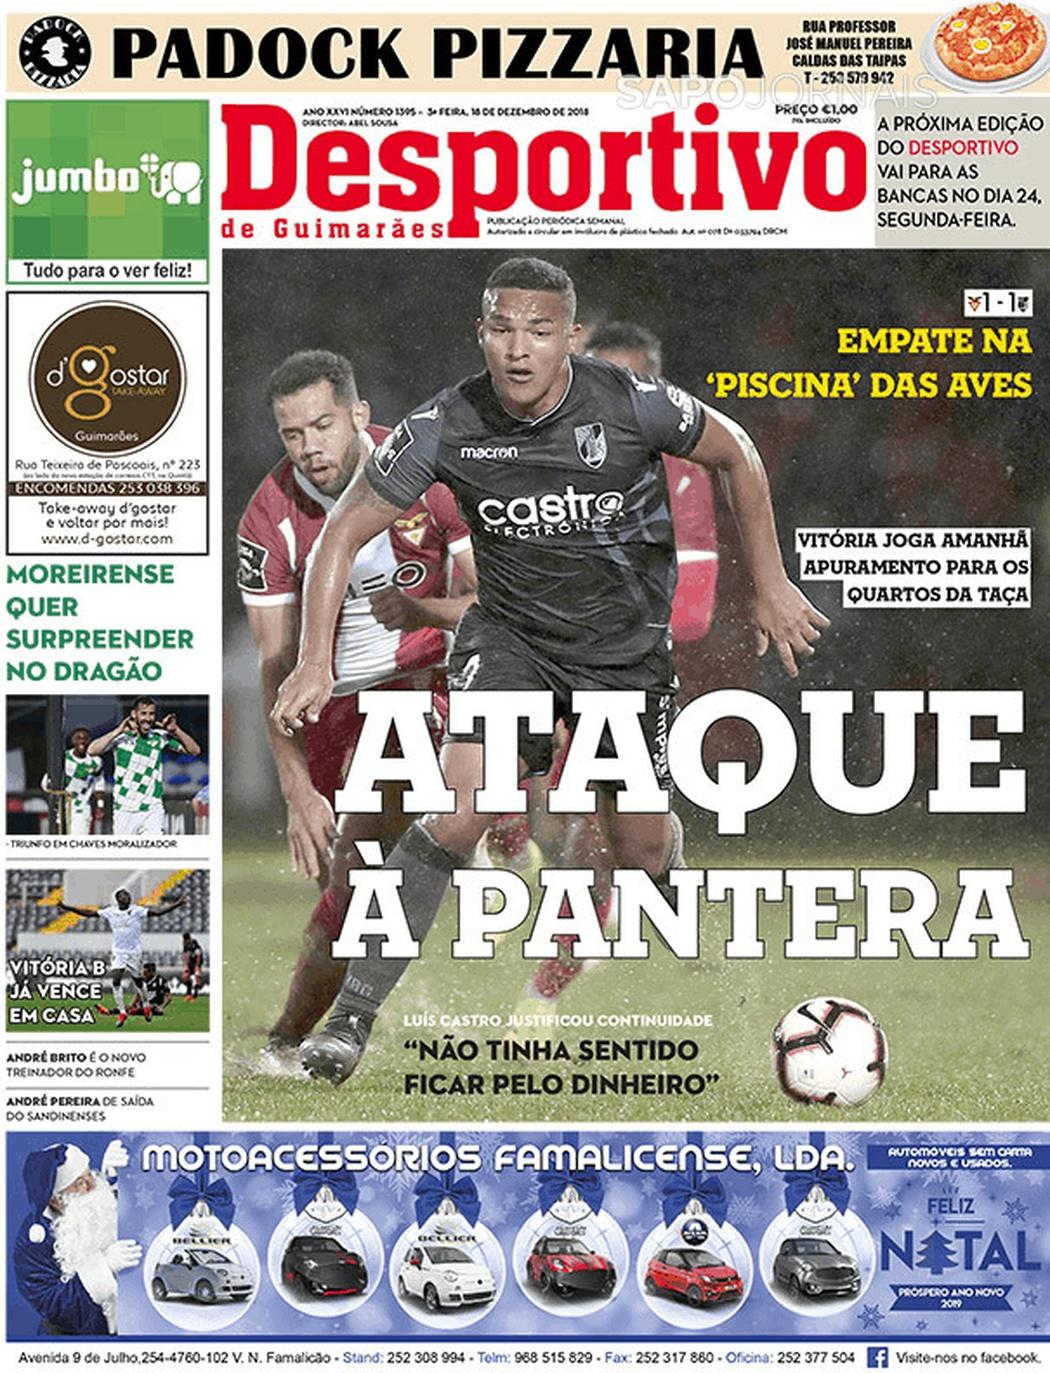 Banca De Jornais Desportivo De Guimarães 18 12 2018 Futebol 365